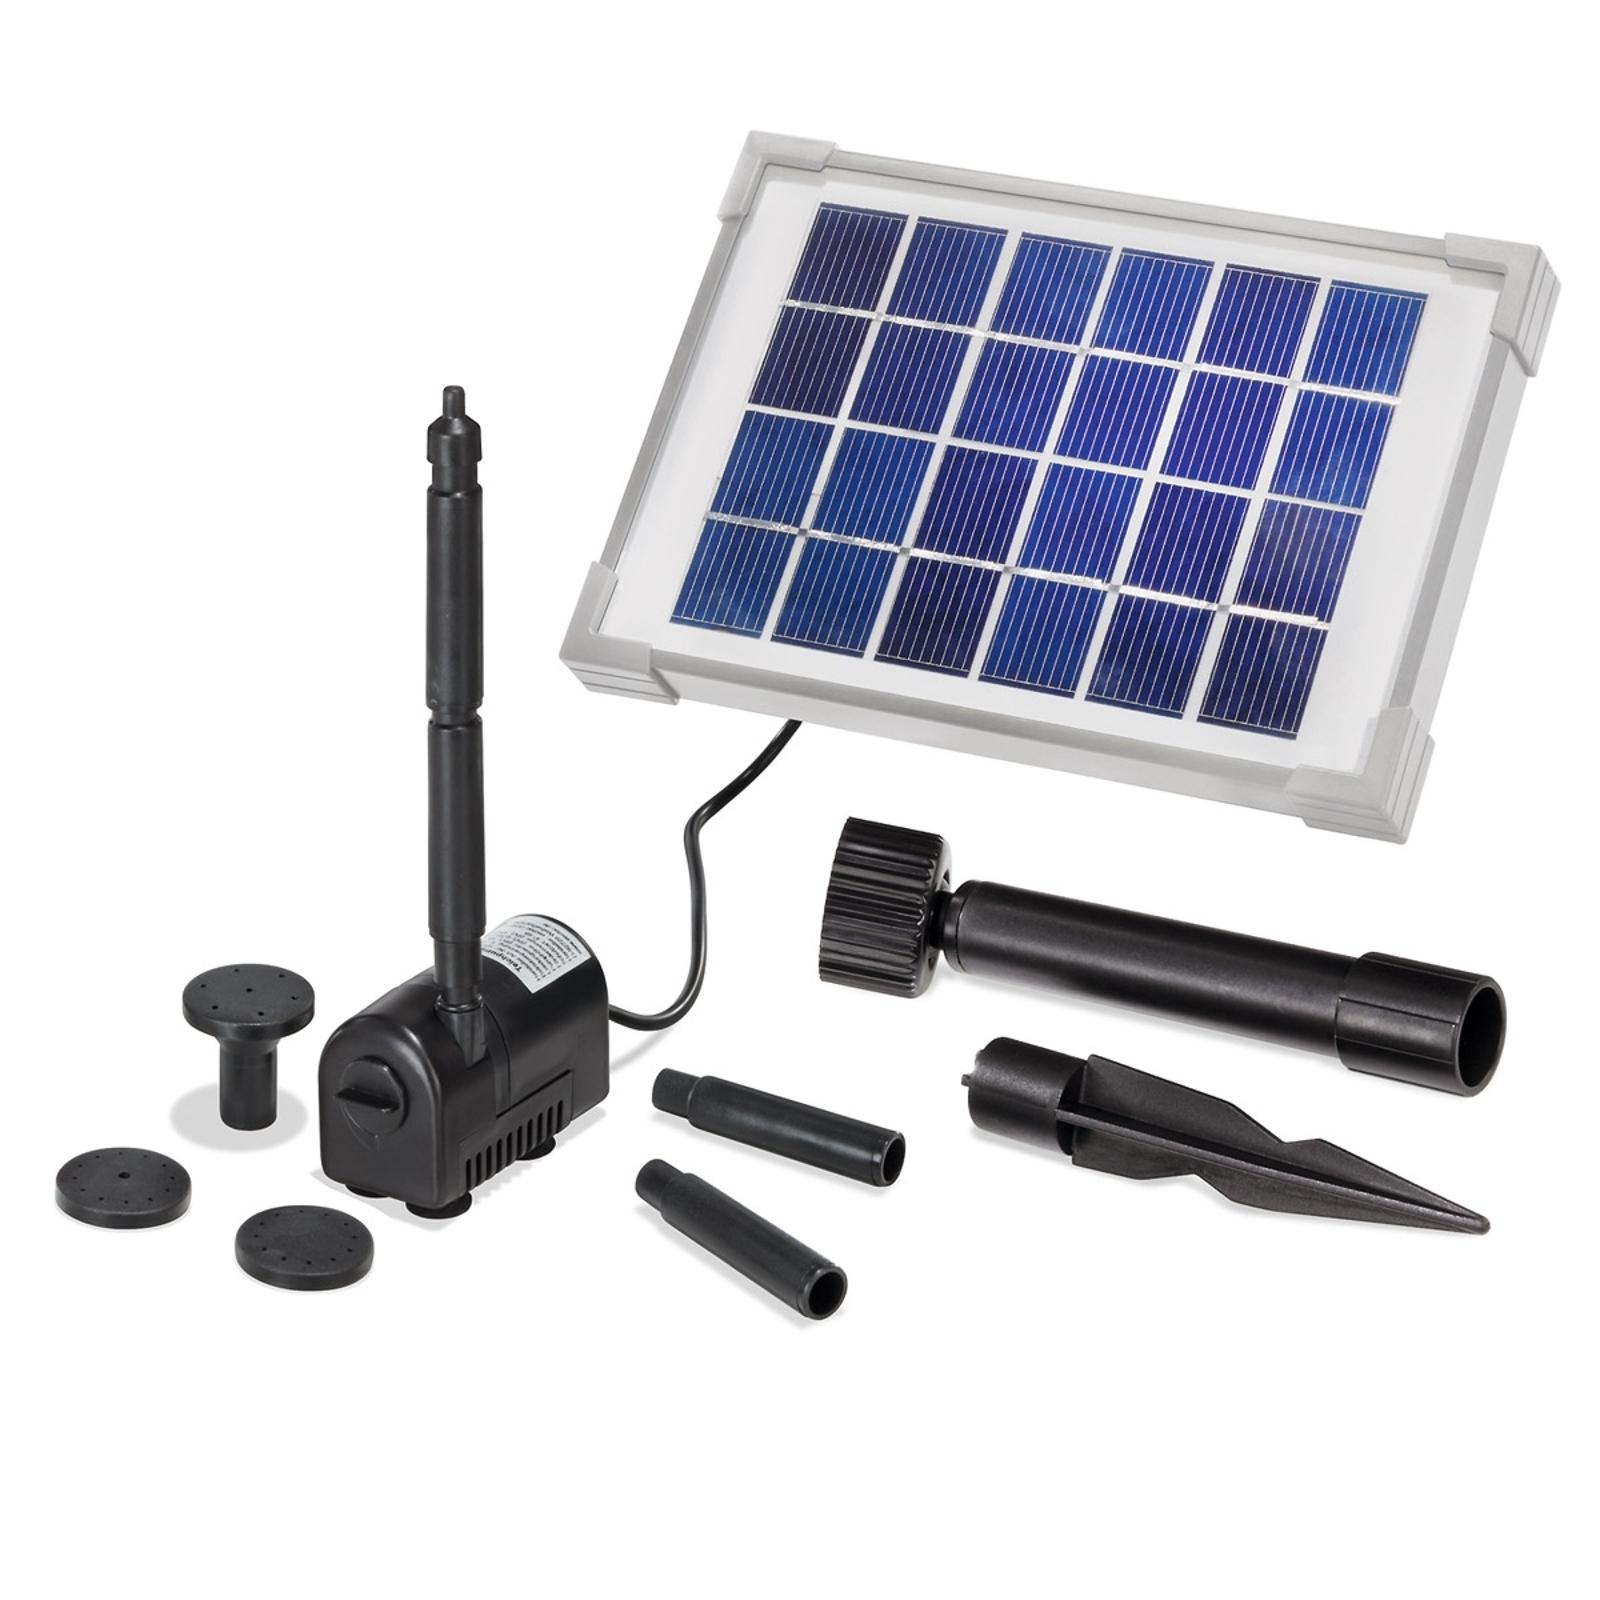 Sistema de bombeo solar RIMINI S de alta calidad